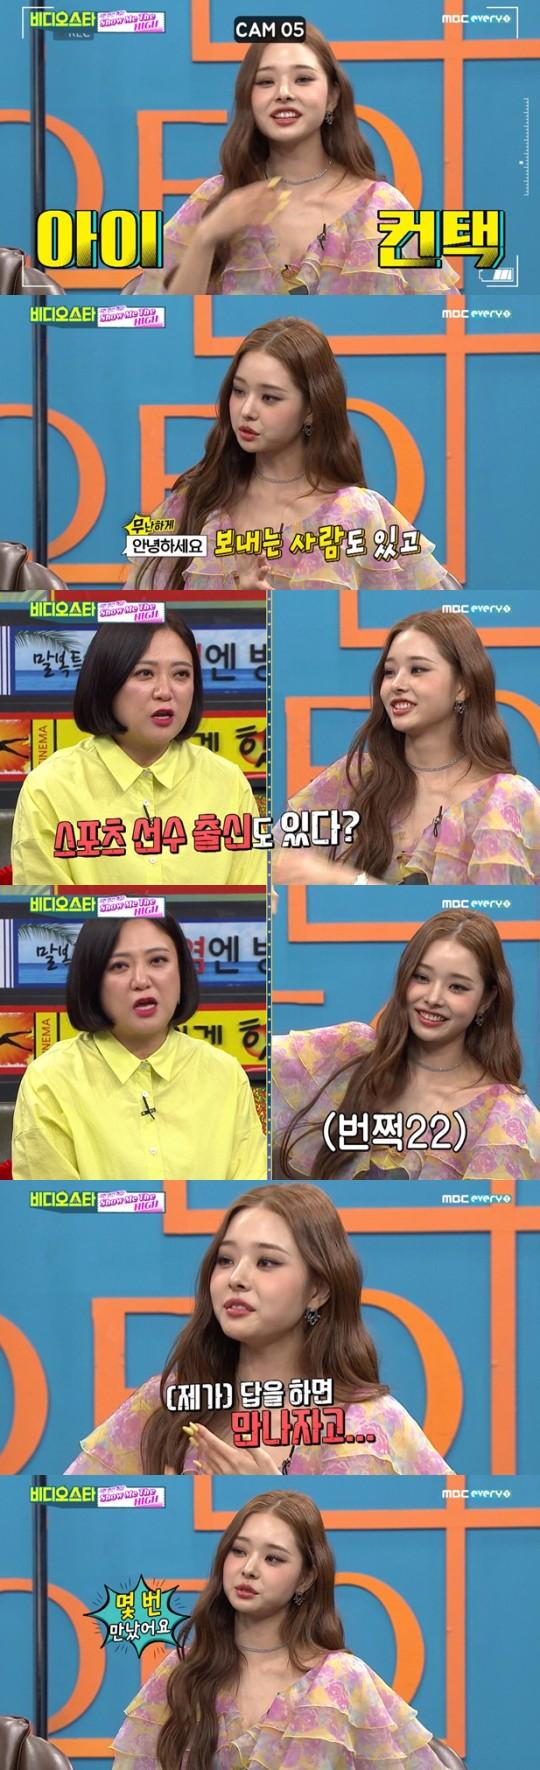 지난달 30일 방송된 MBC 에브리원 '비디오스타'에서는 유튜버 겸 인플루언서 송지아가 출연해 남자 유명인들에게 데이트 신청을 받은 경험이 있다고 말했다. 사진=MBC 에브리원 '비디오스타'방송 캡처